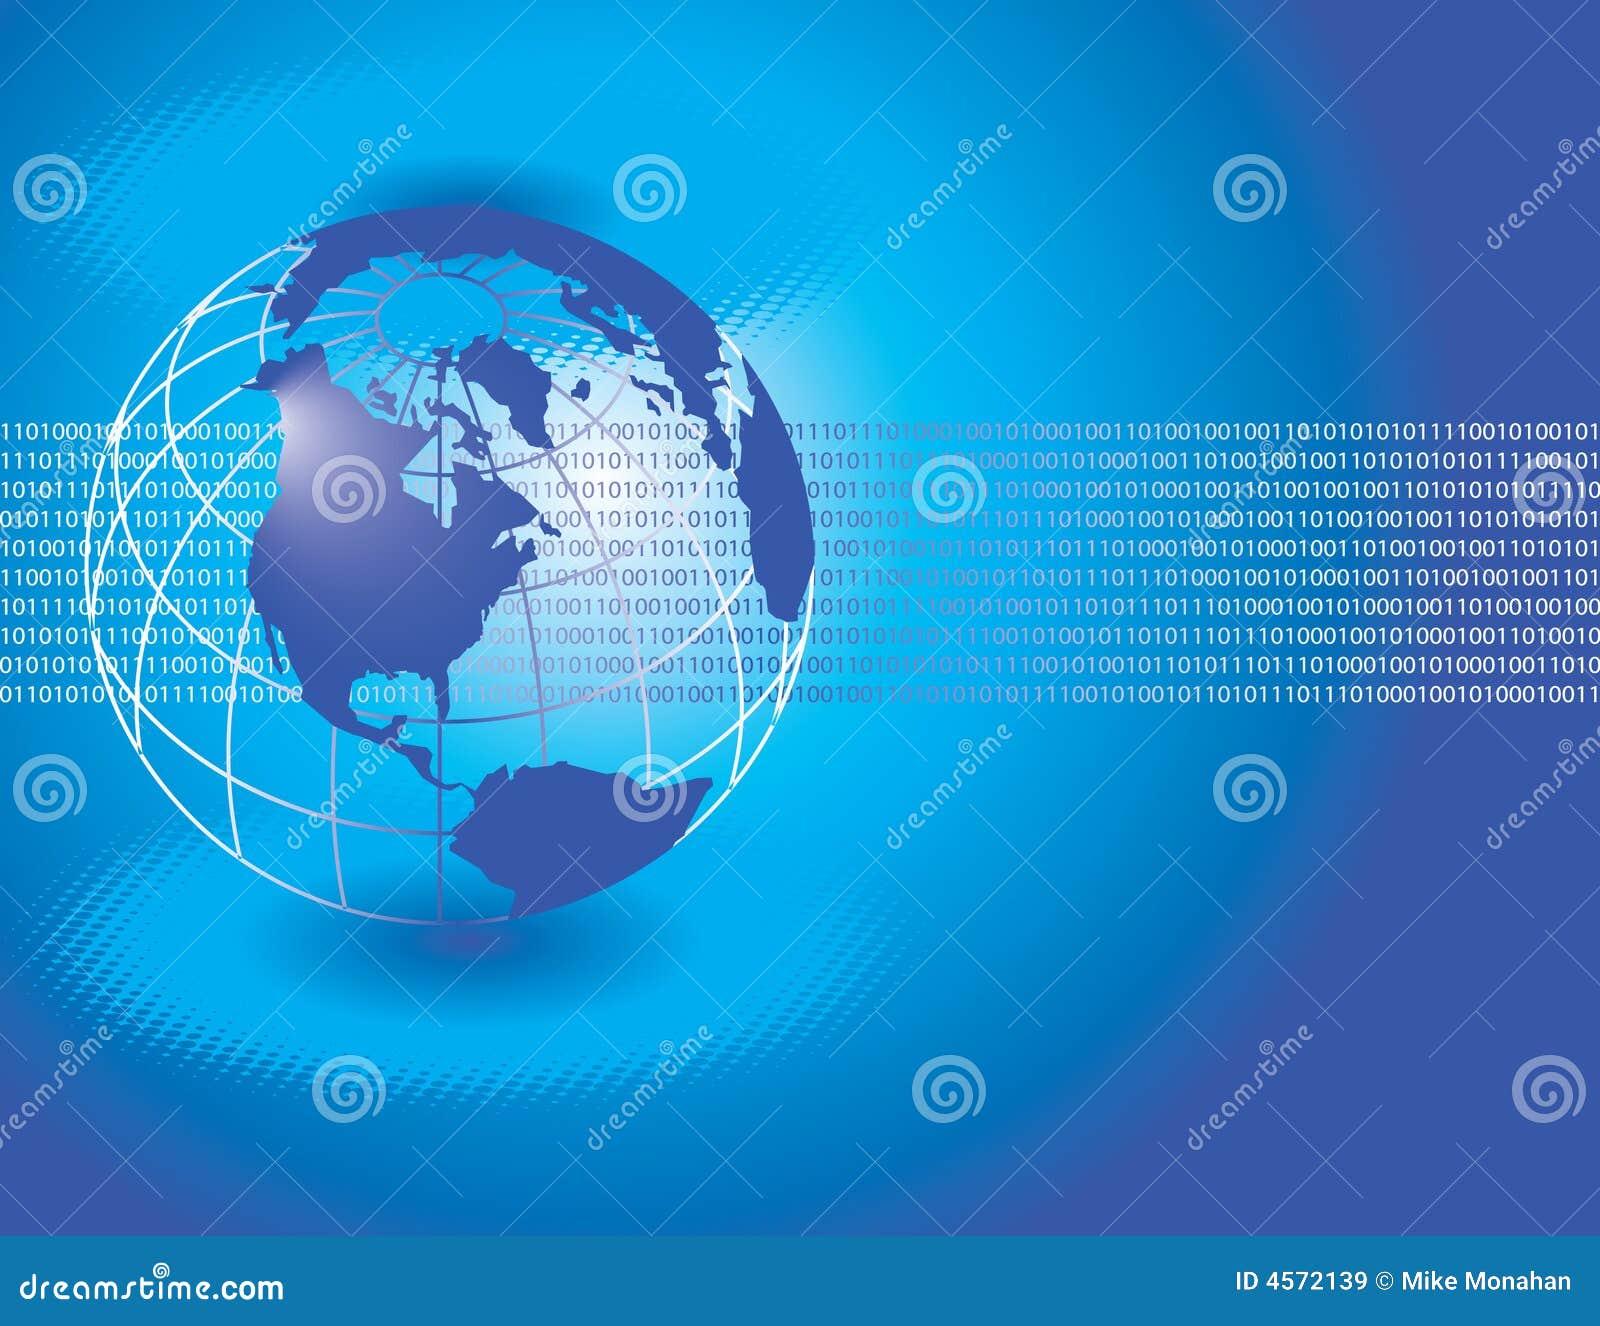 Blue Globe Background Royalty Free Stock Images Image